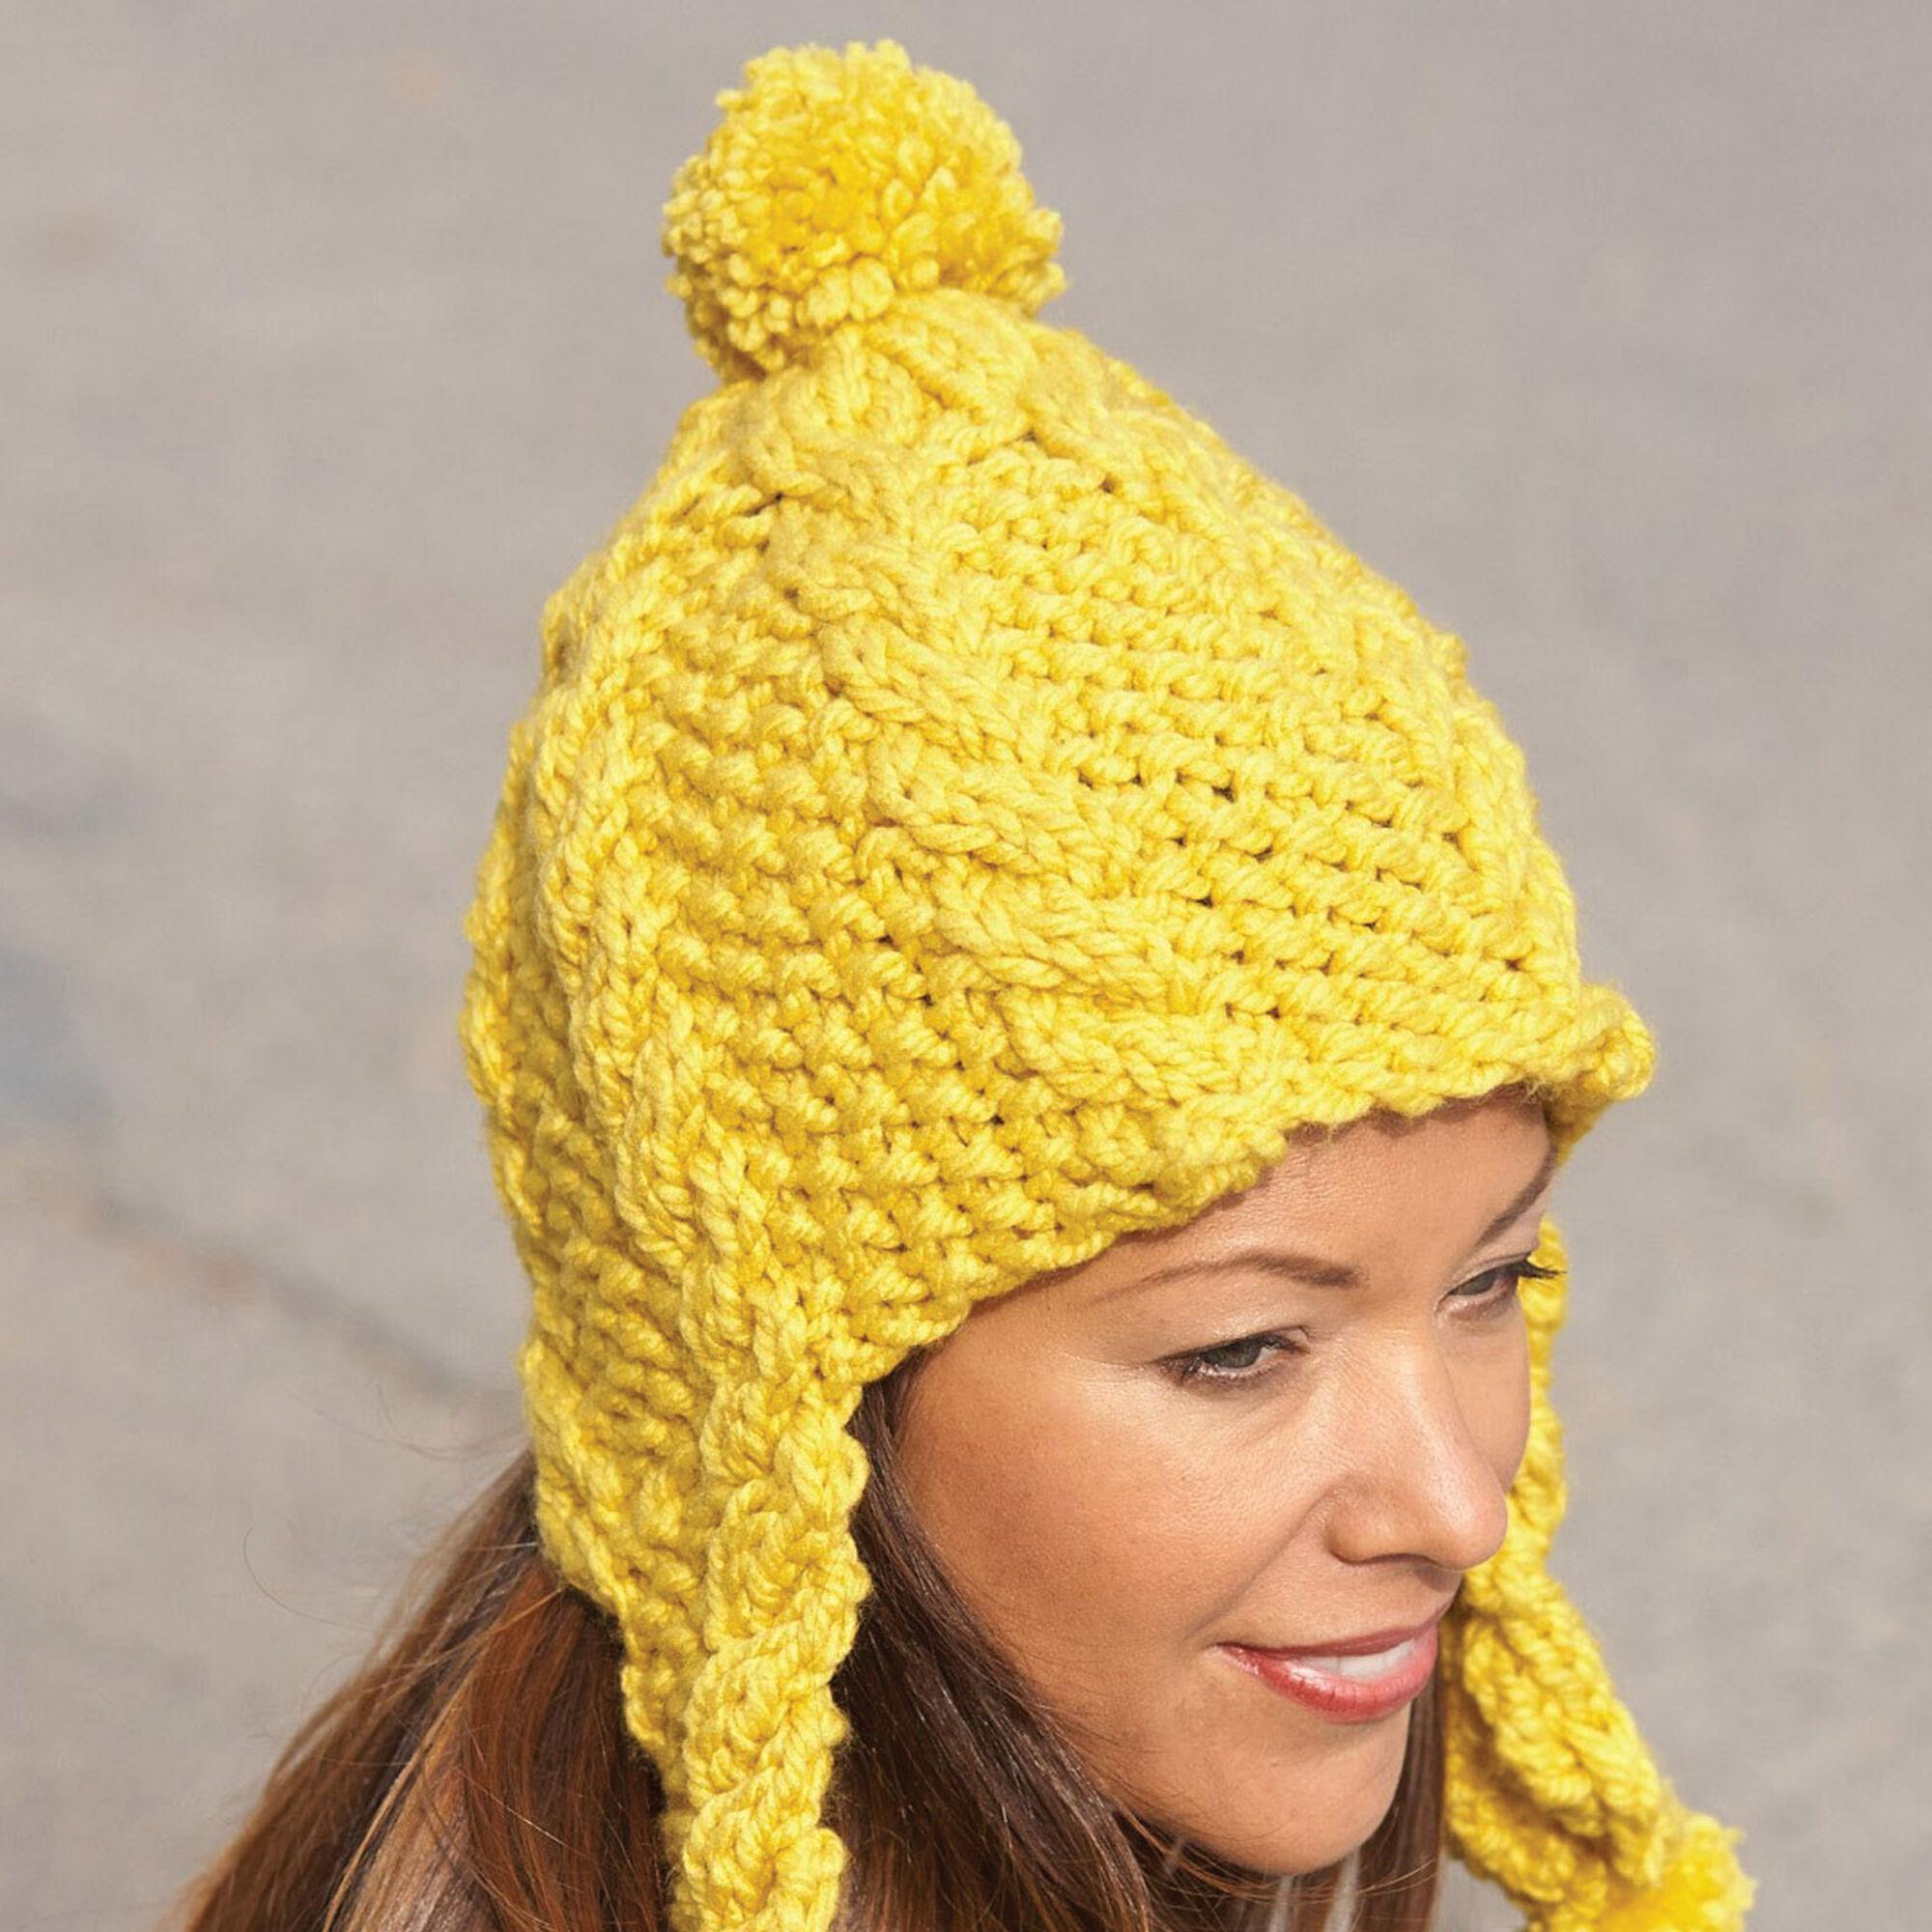 3c0c95104 Bernat Golden Glow Earflap Hat Pattern | Yarnspirations